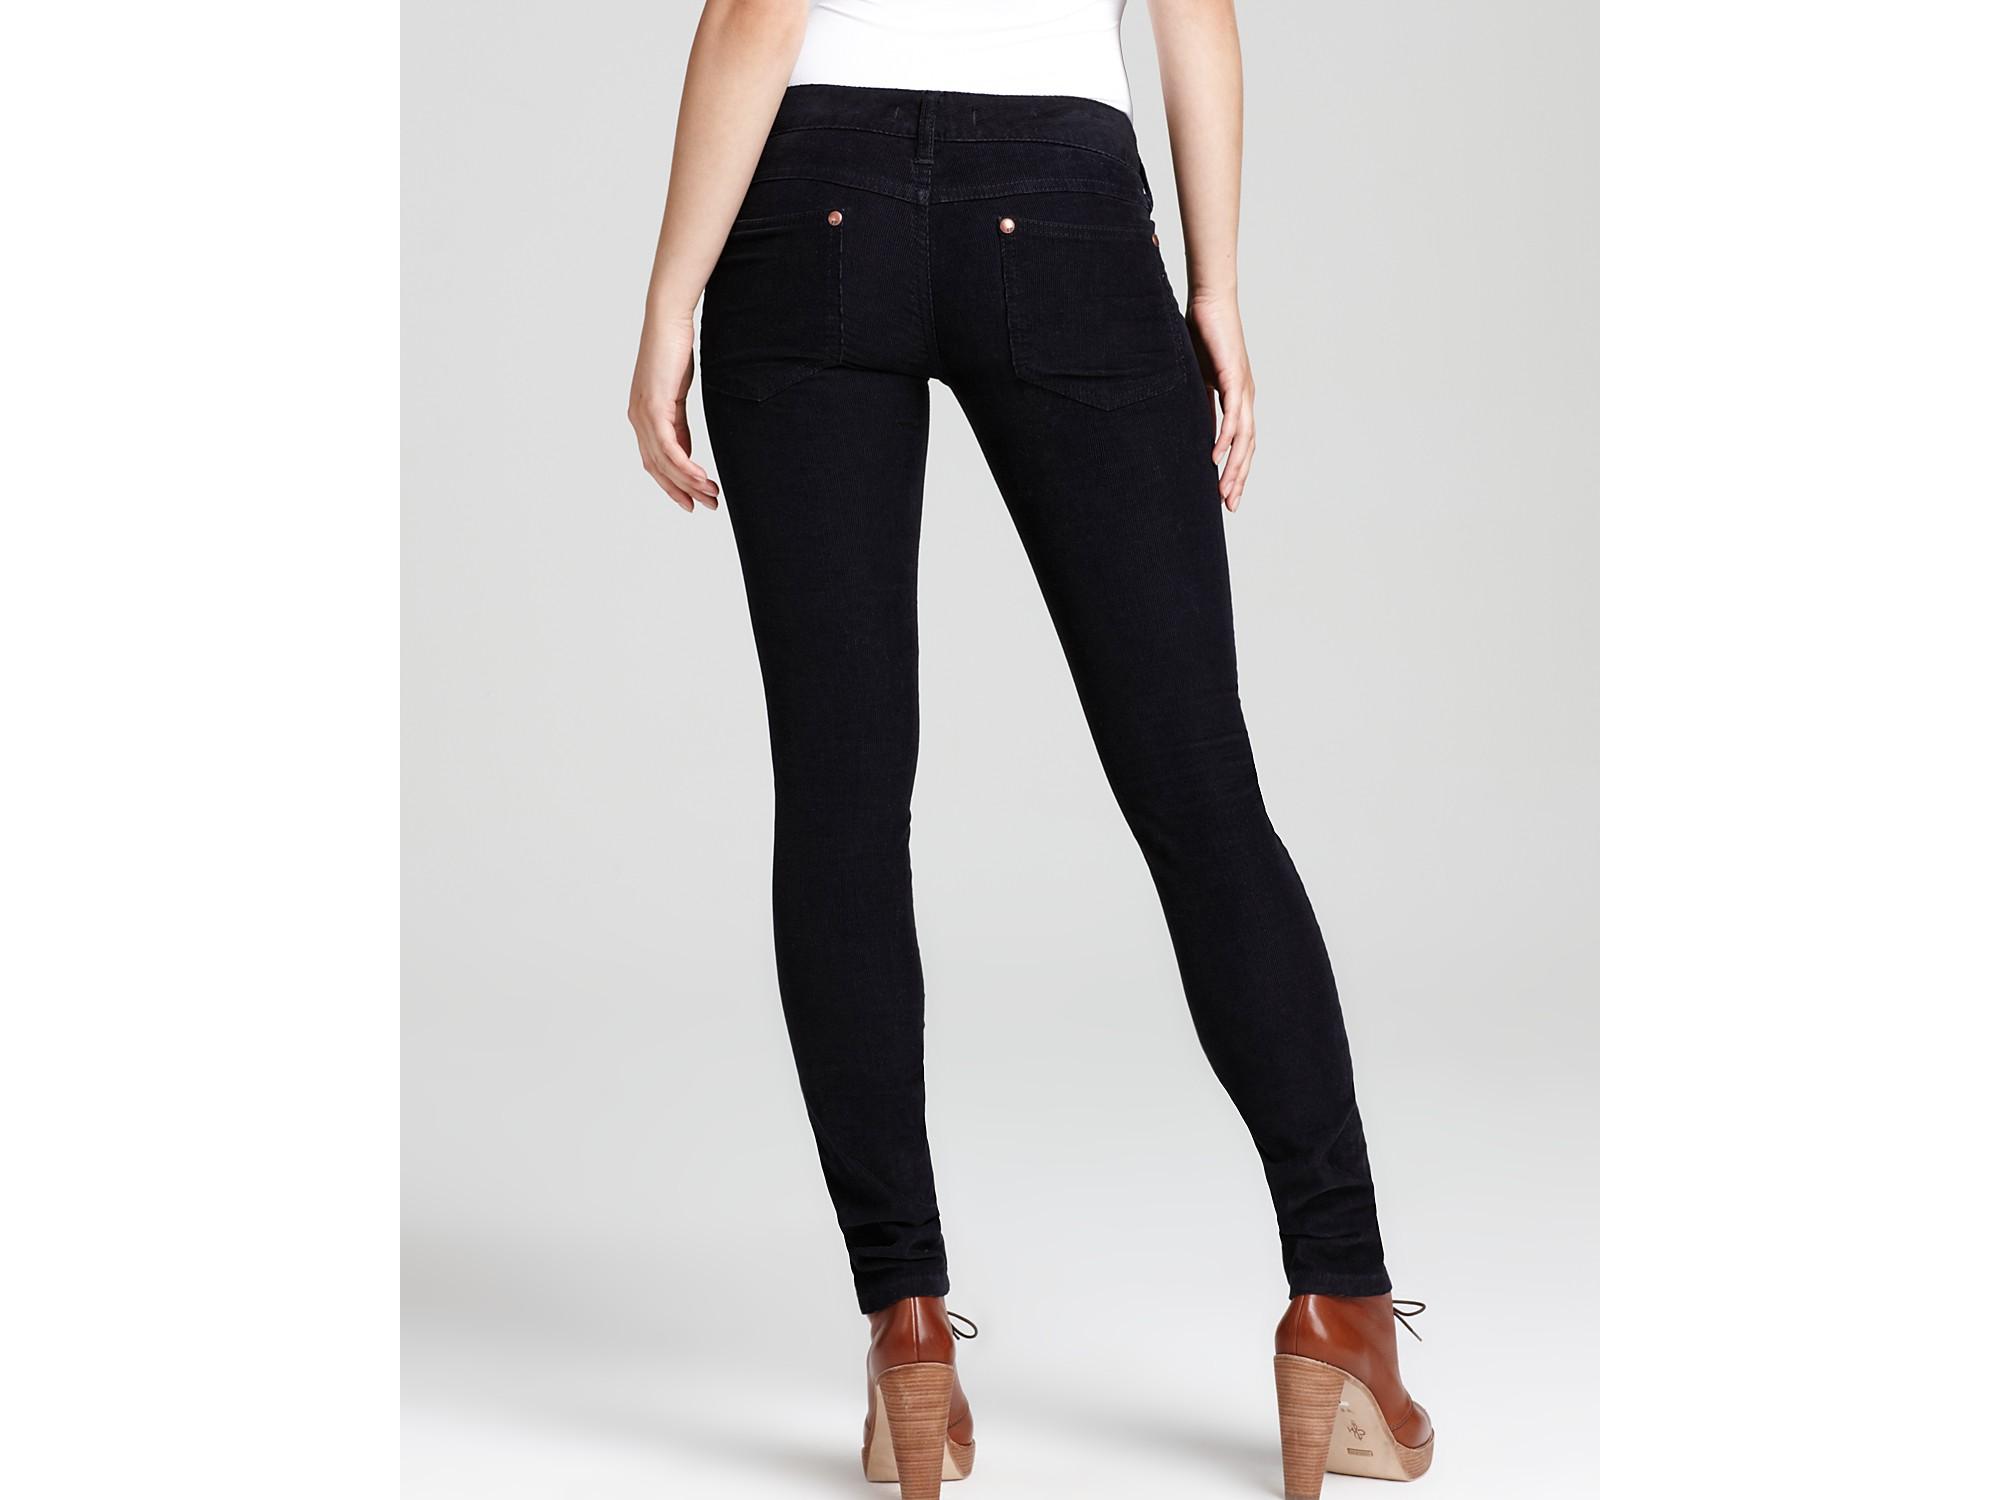 Free people Skinny Twisted Corduroy Pants in Black   Lyst